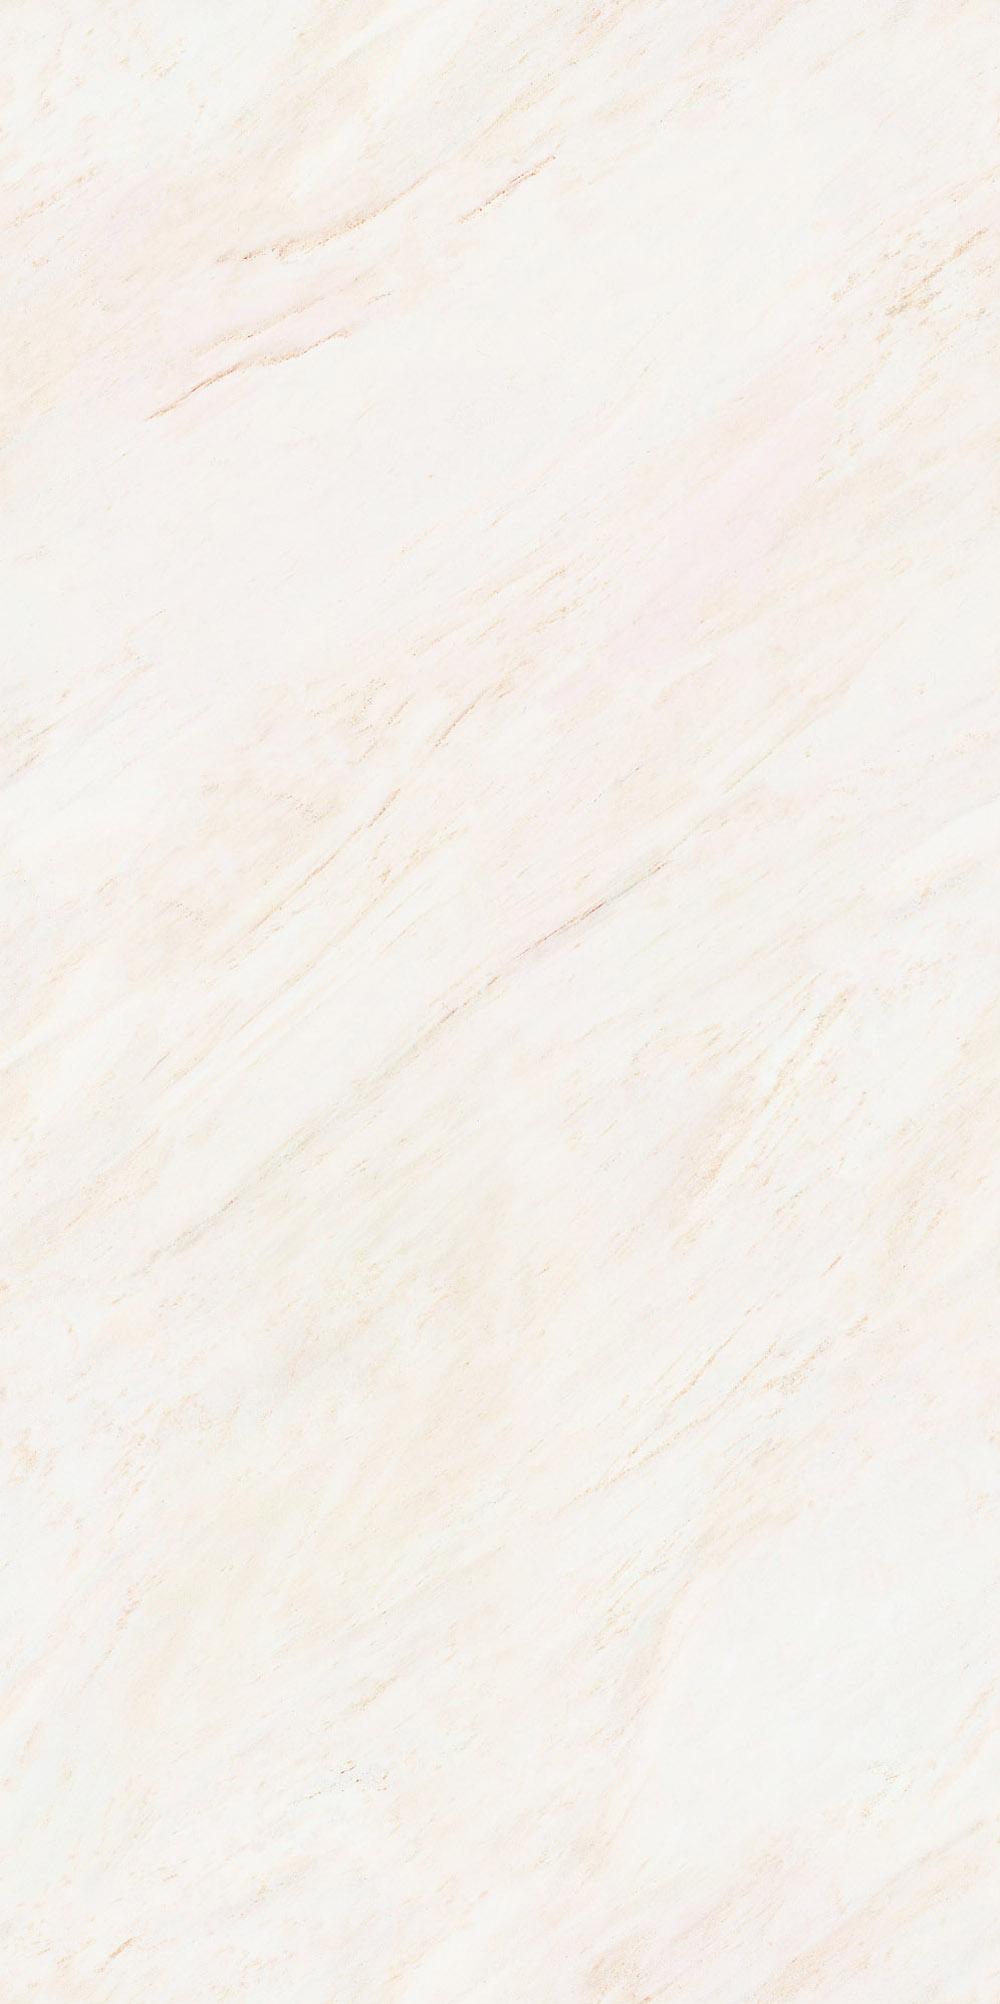 宏宇陶瓷-HPEB1890006意大利白金沙